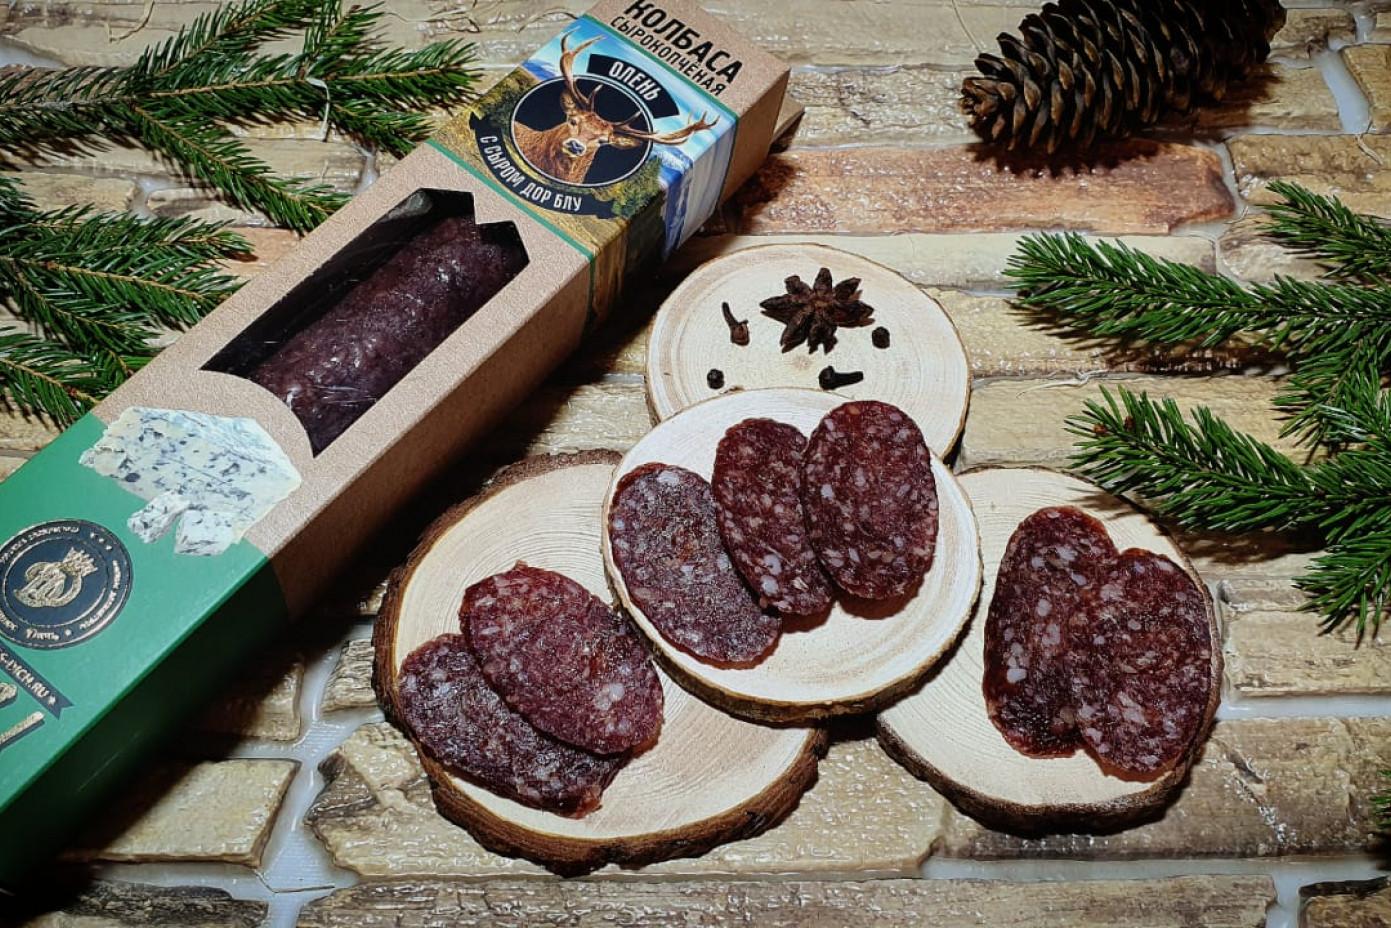 Колбаса из мяса Оленя с сыром дорблю в подарочной упаковке